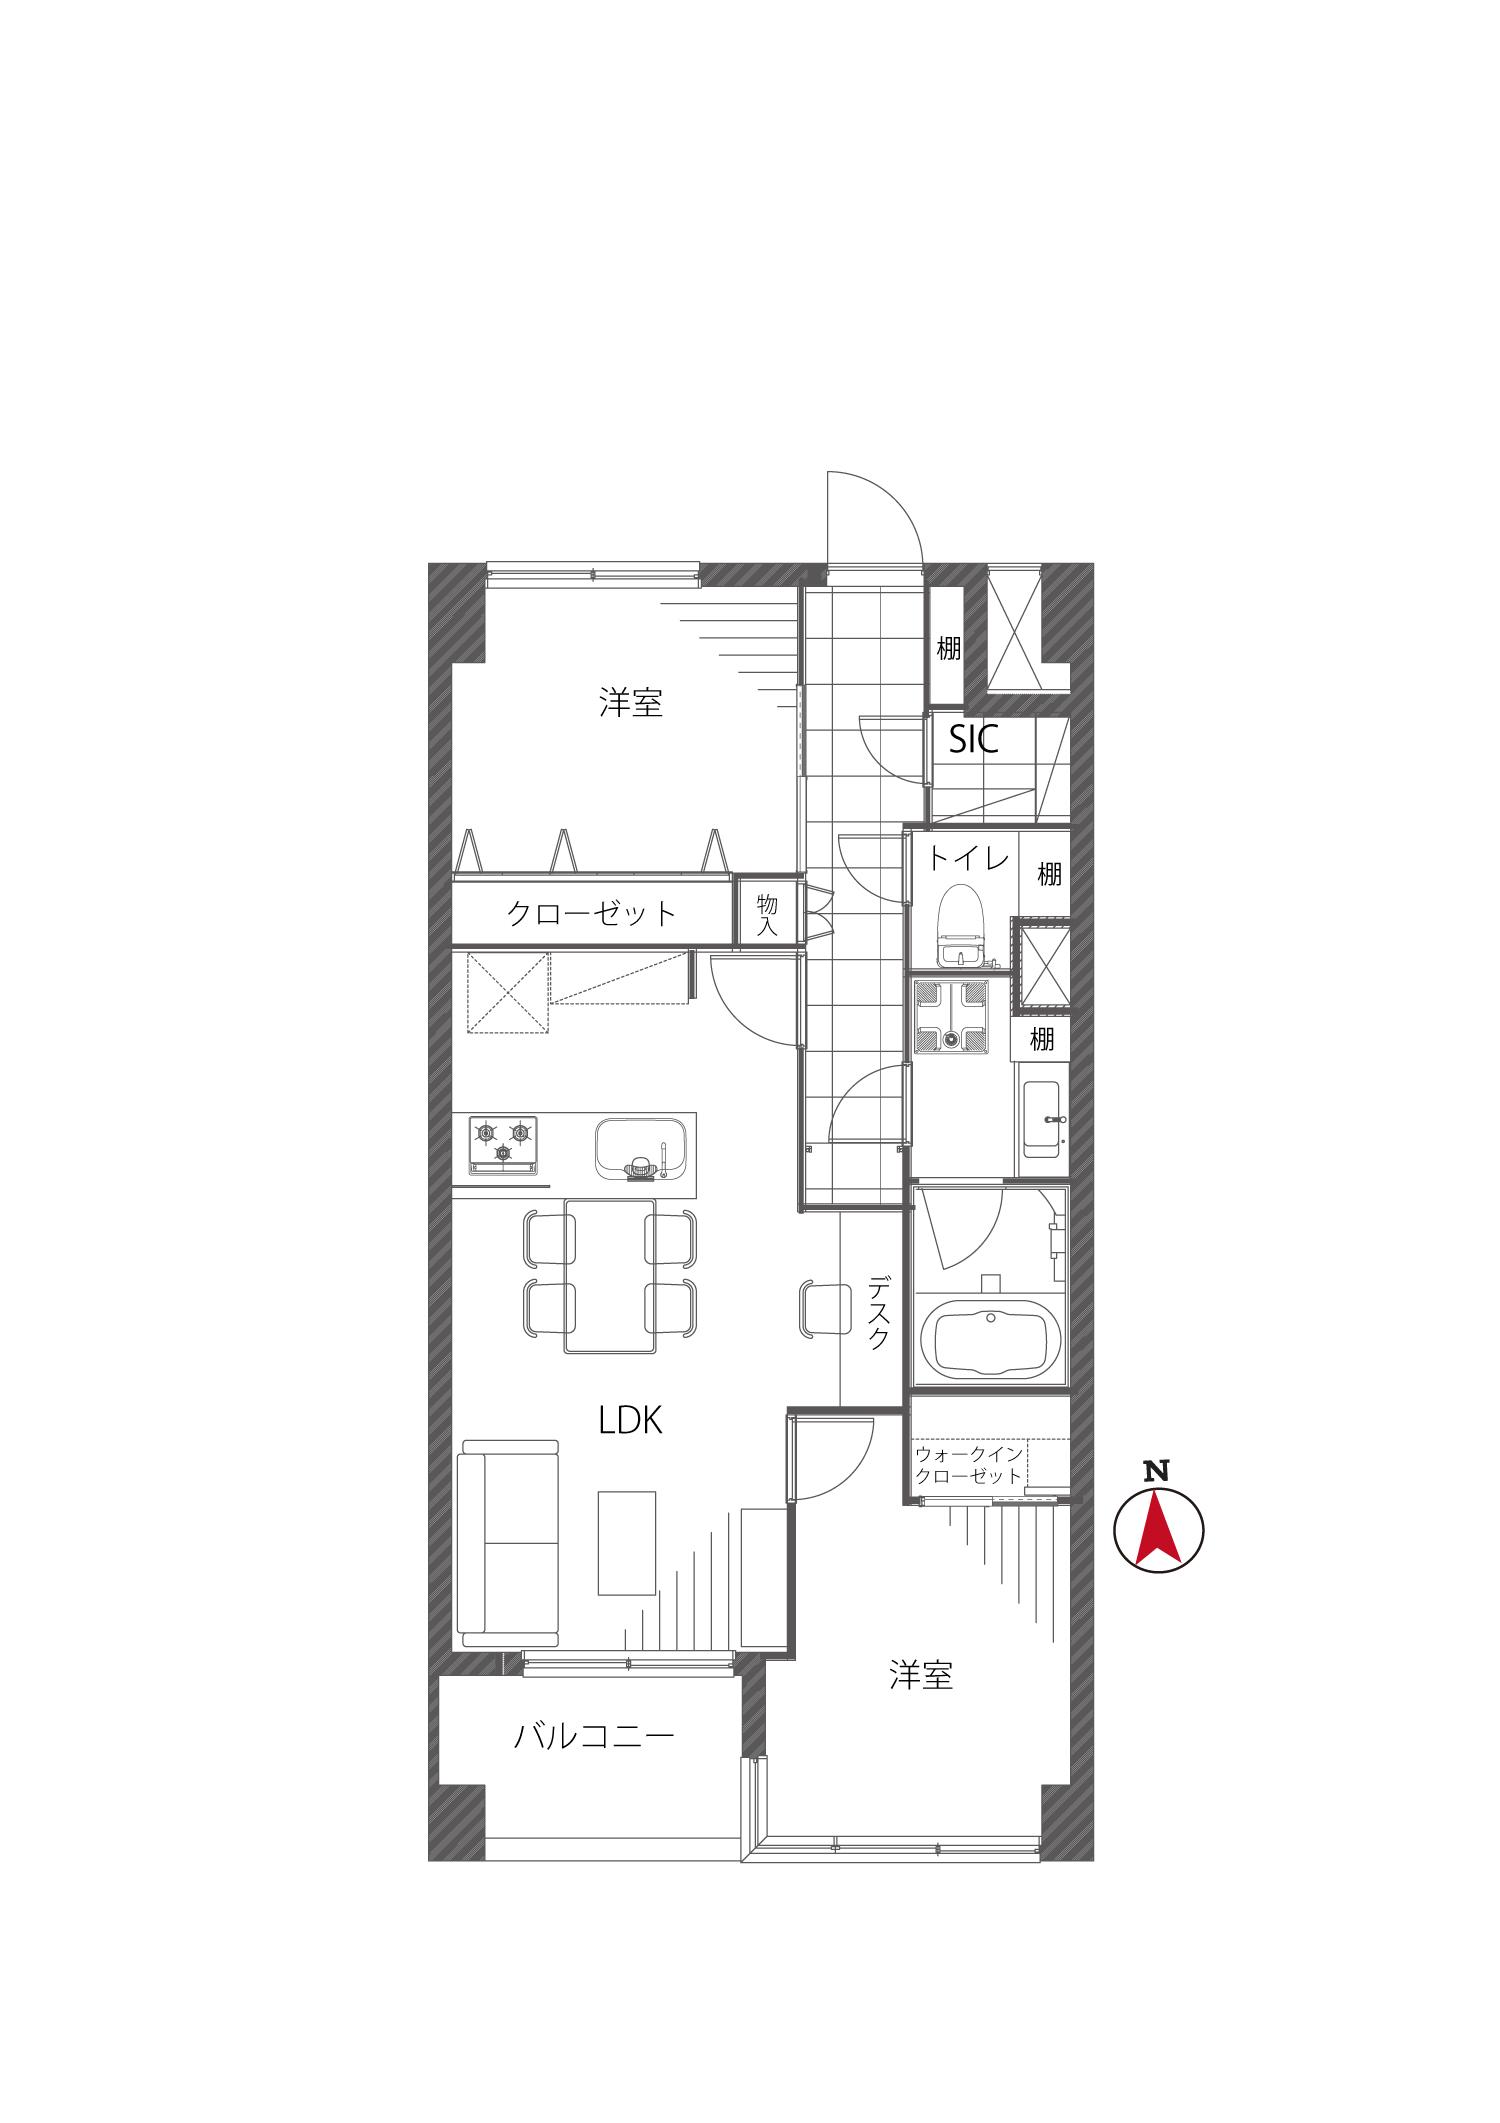 インペリアル広尾 使いやすく、居心地の良い部屋